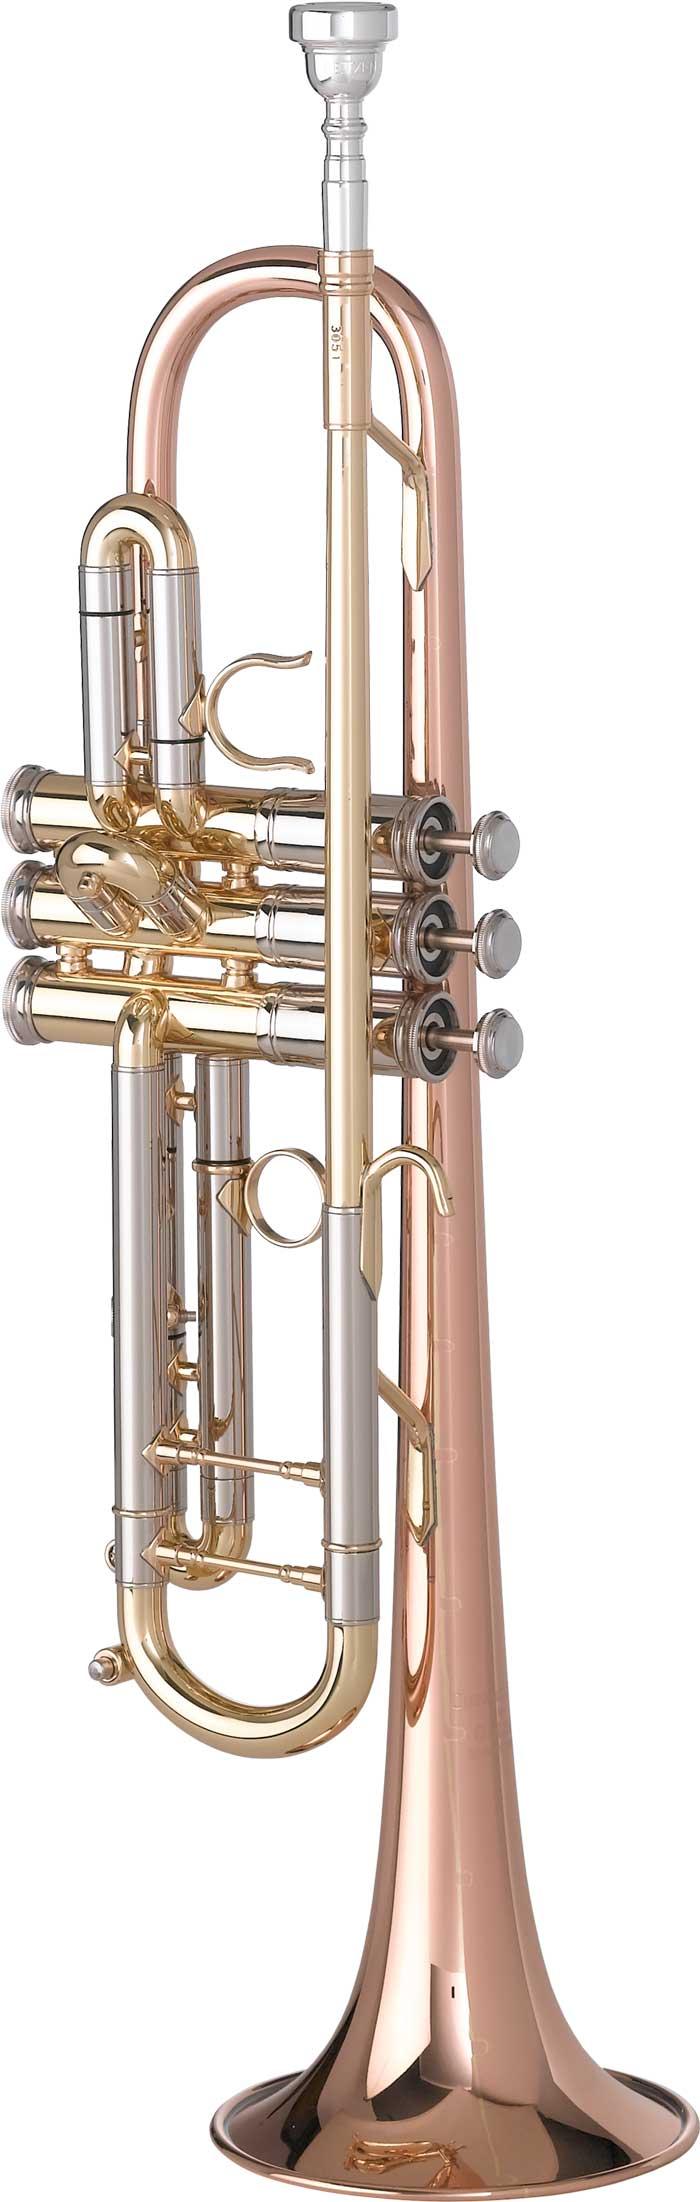 Getzen 3051 Bb Trumpet